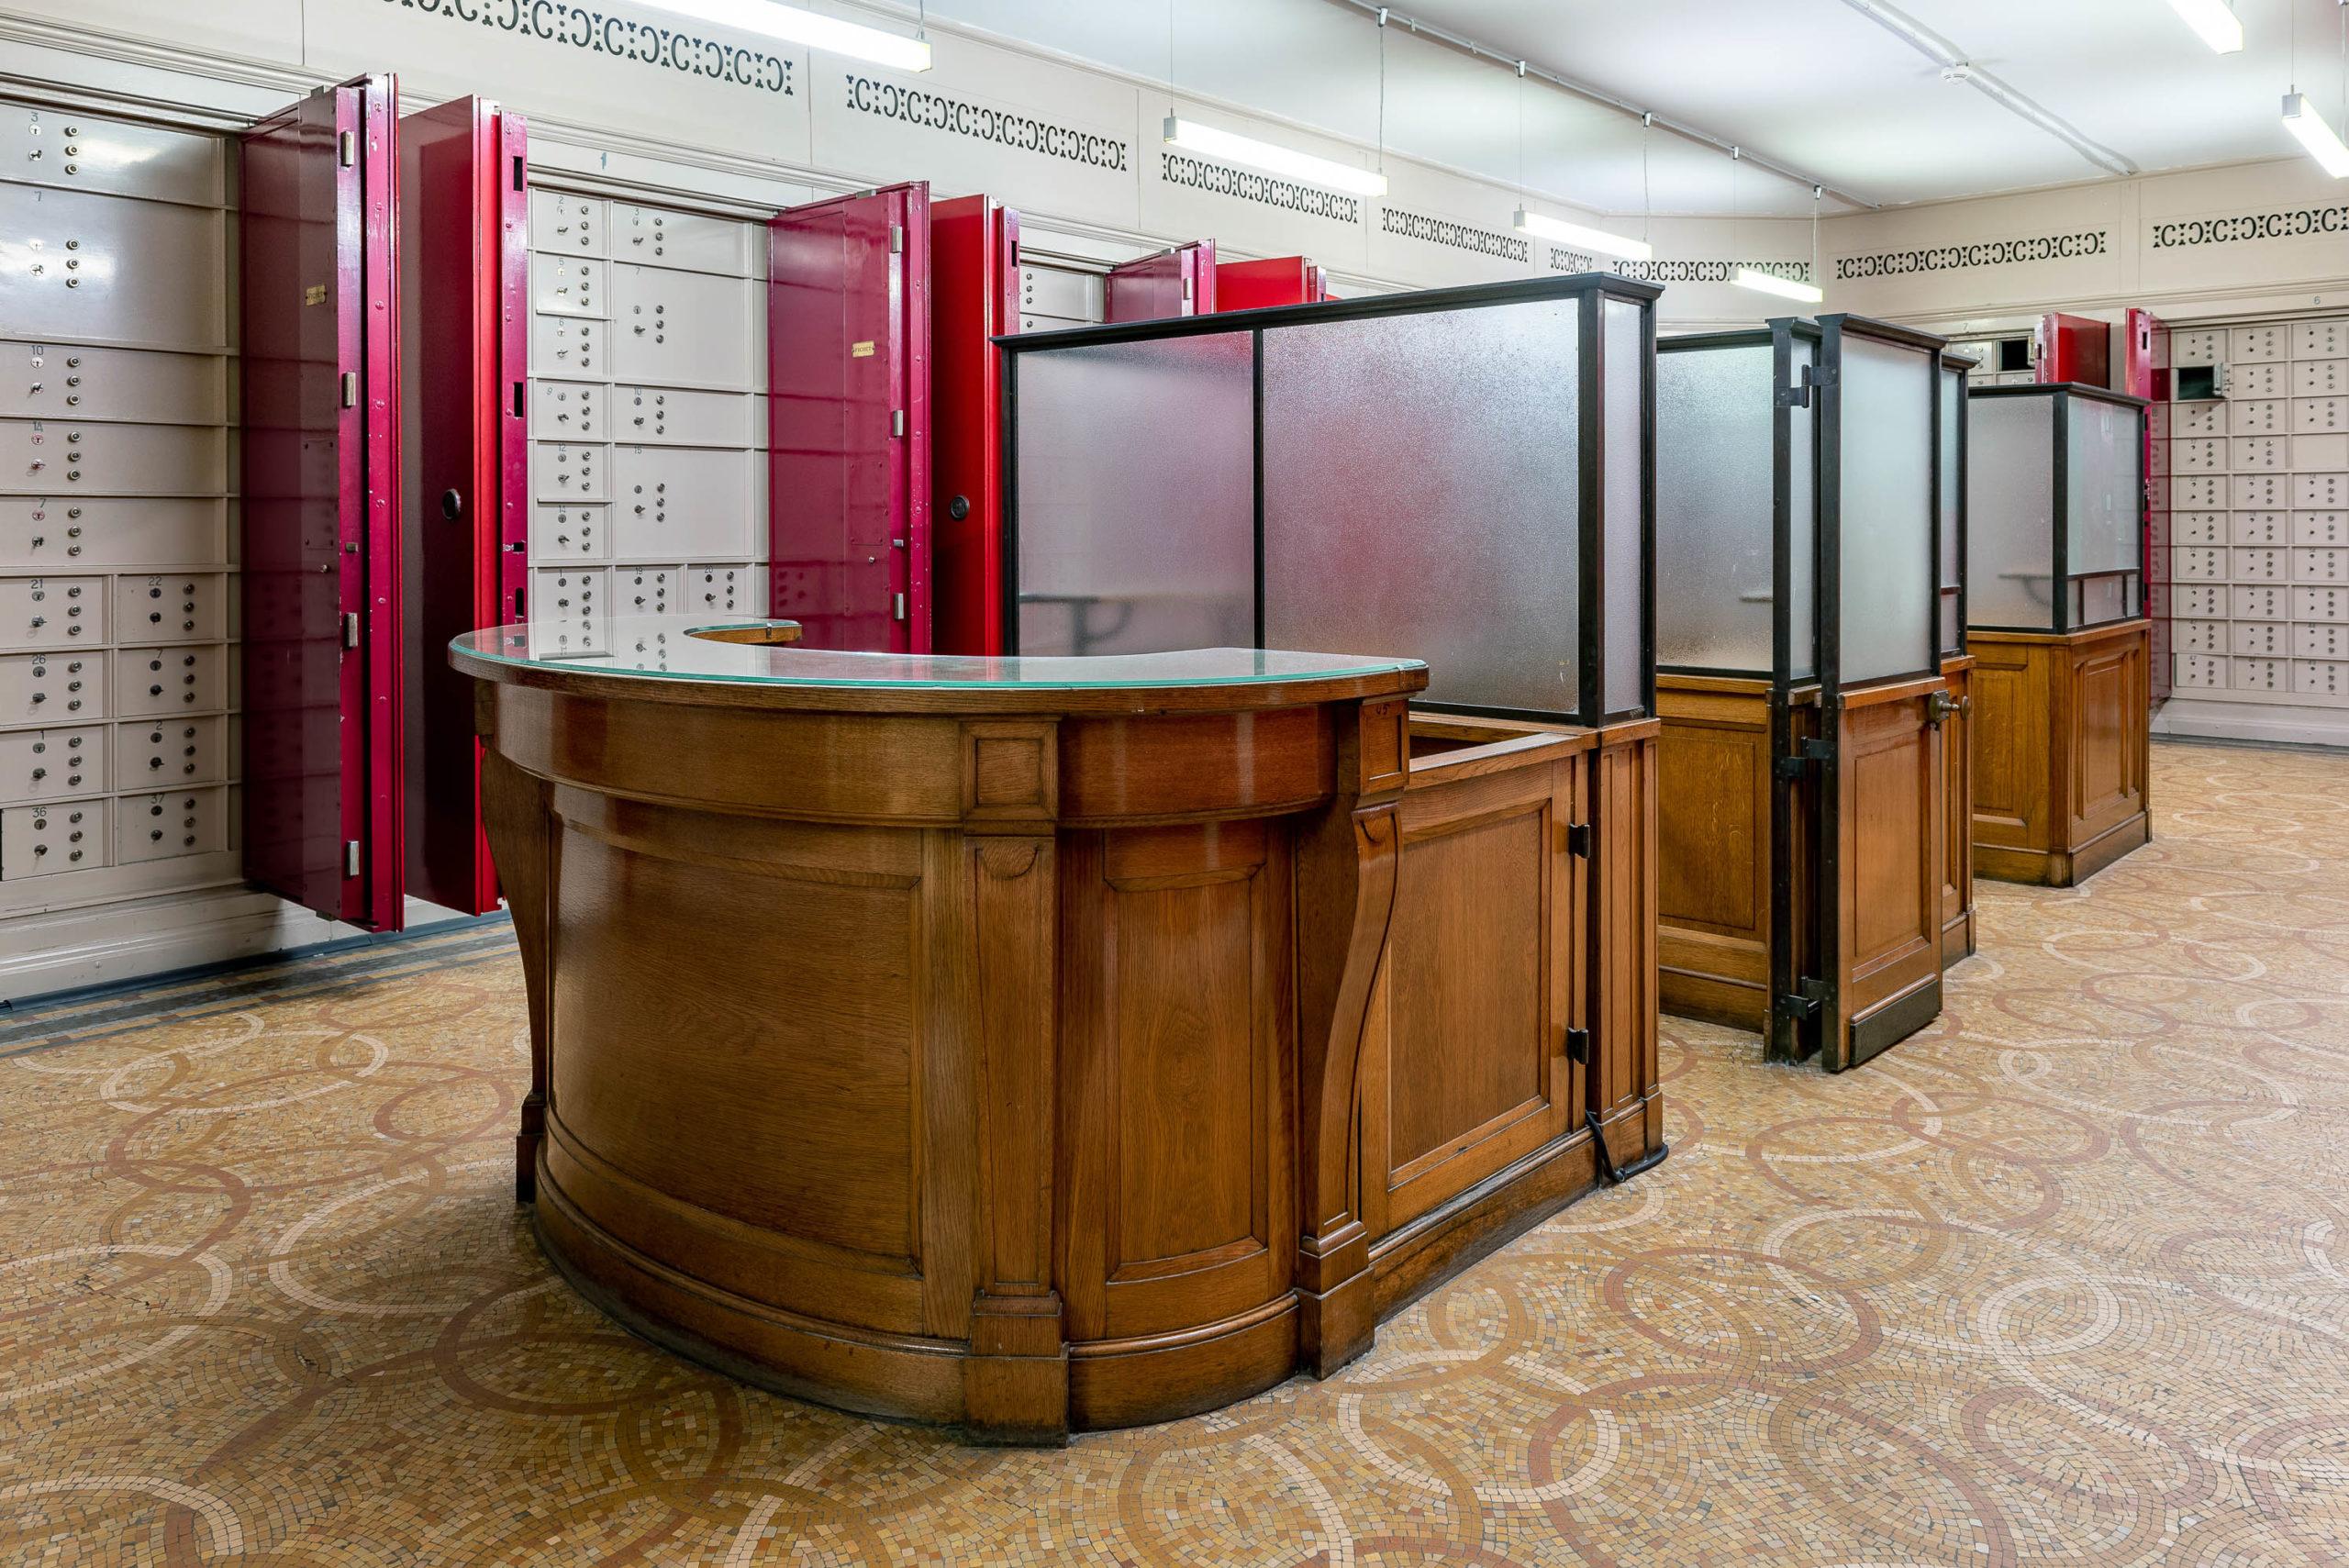 Salle des coffres - Banque de France Béthune